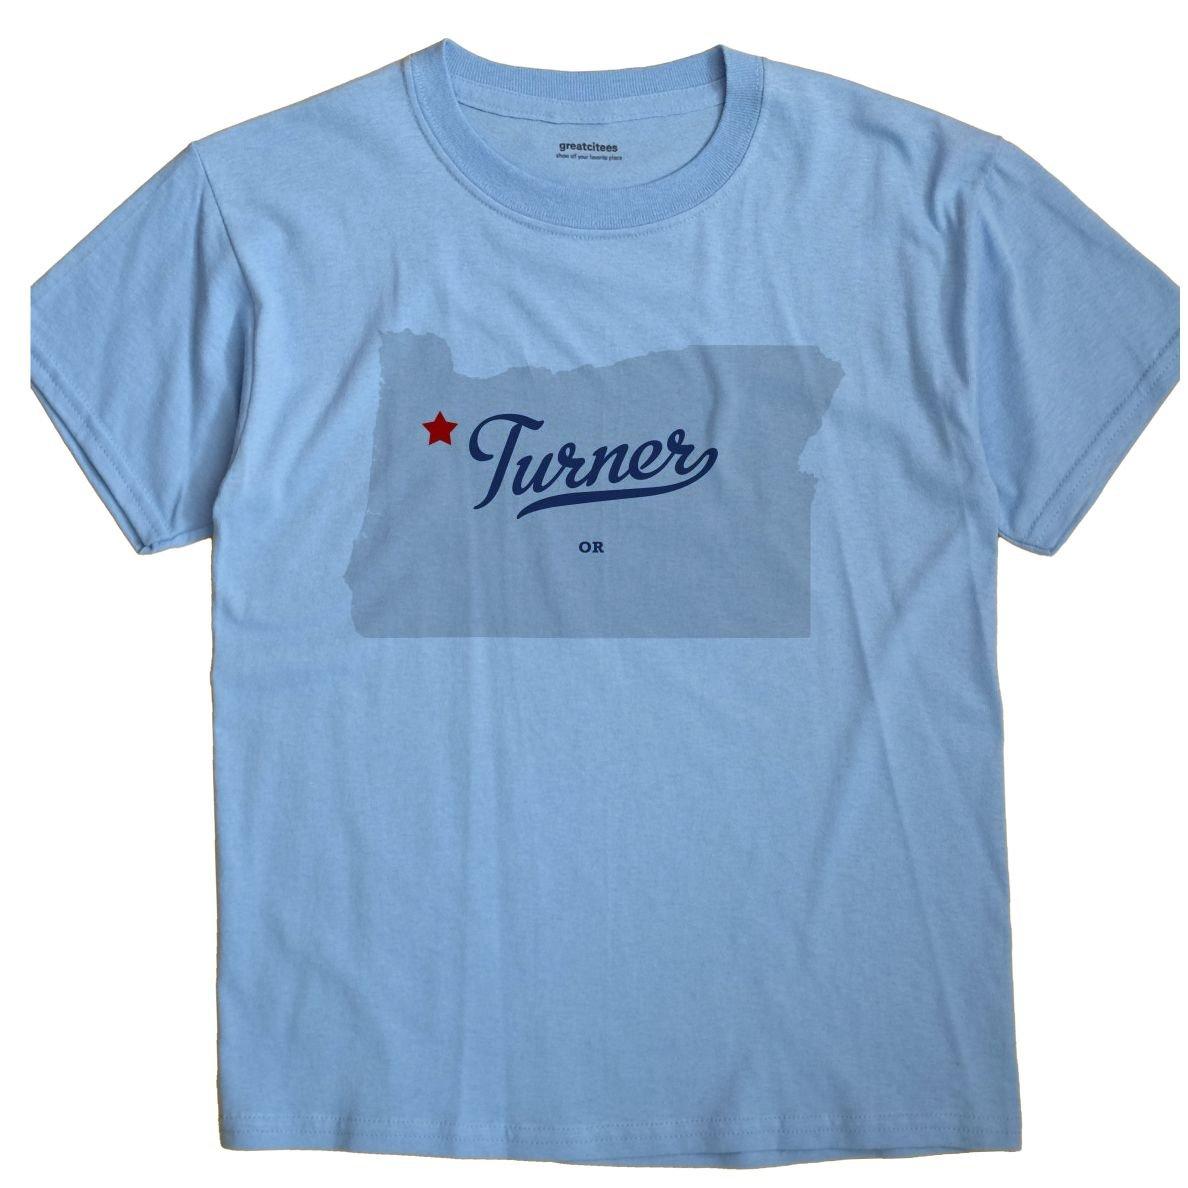 Amazon Com Greatcitees Turner Oregon Map Unisex Souvenir T Shirt